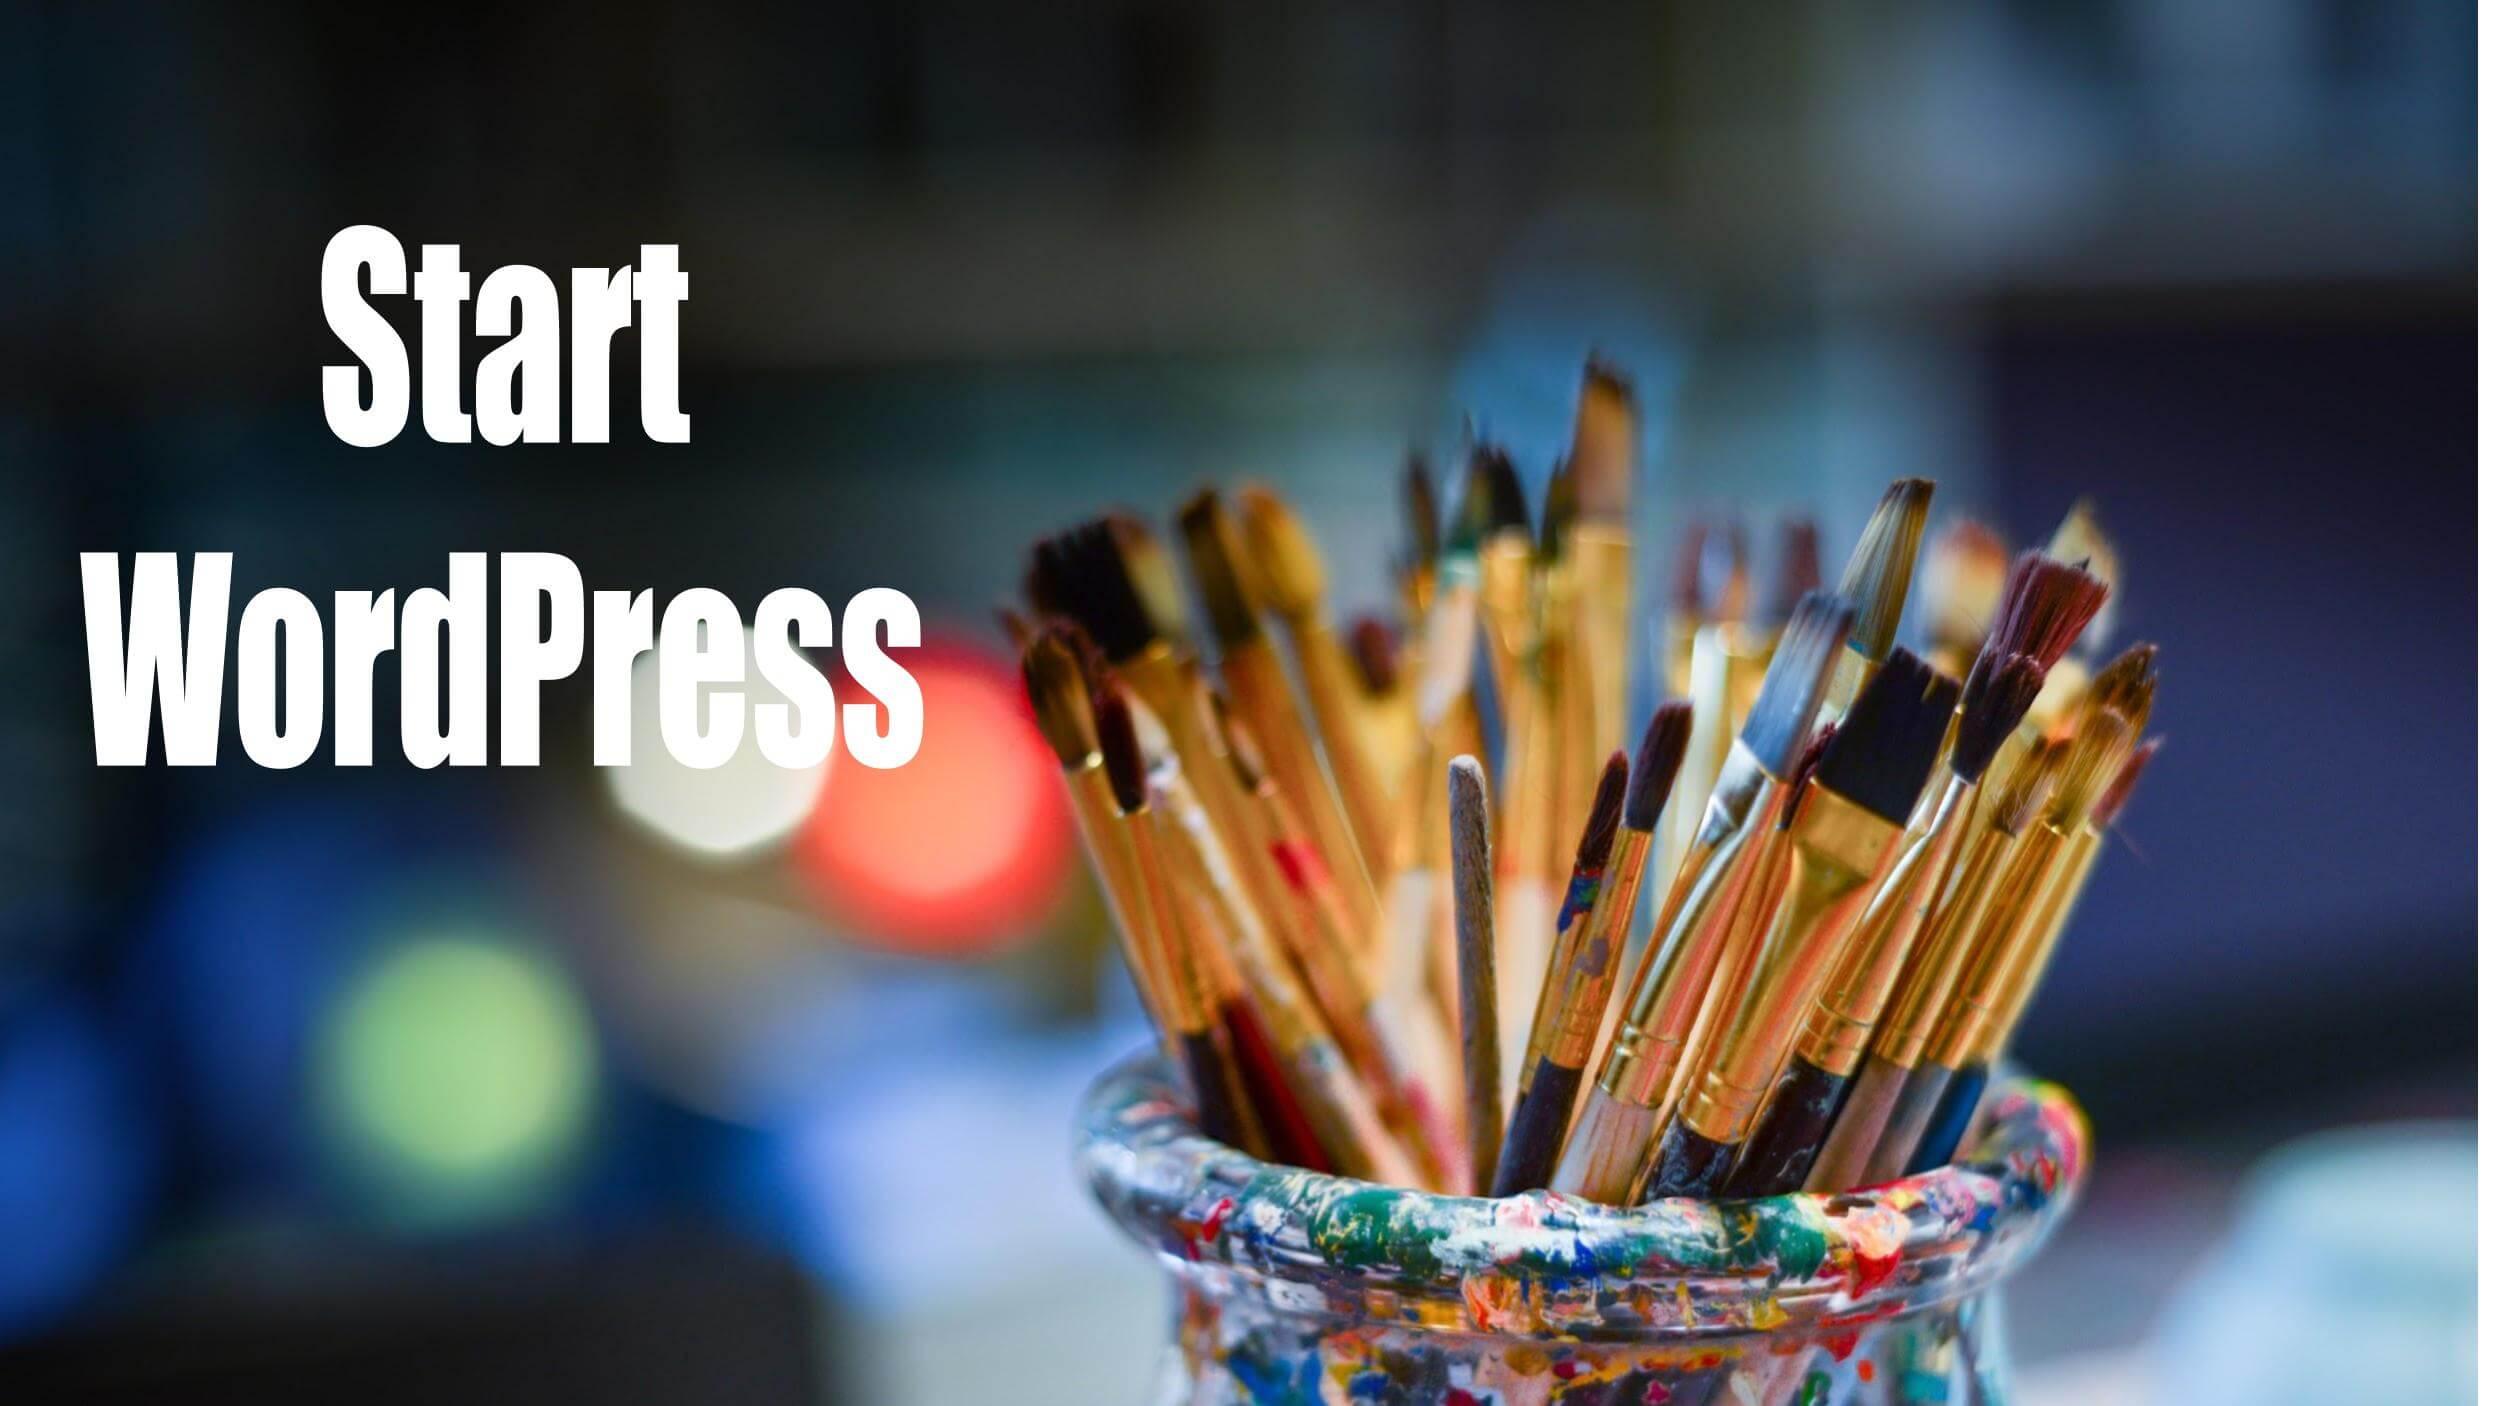 たくさんの筆「Start WordPress」